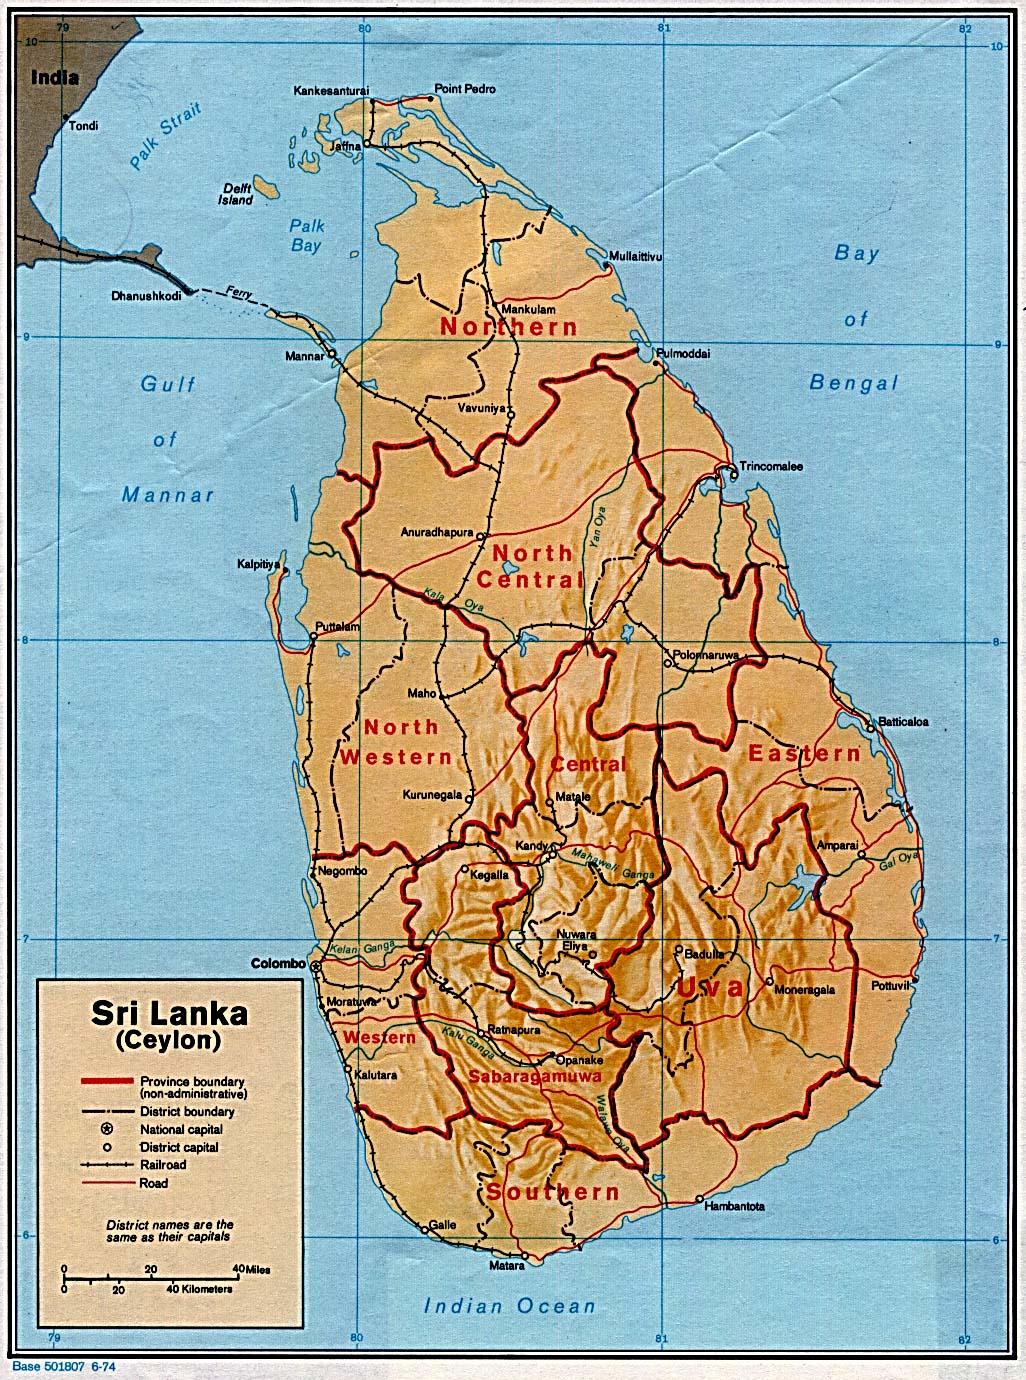 印度洋岛屿地图全集_海洋地图查询